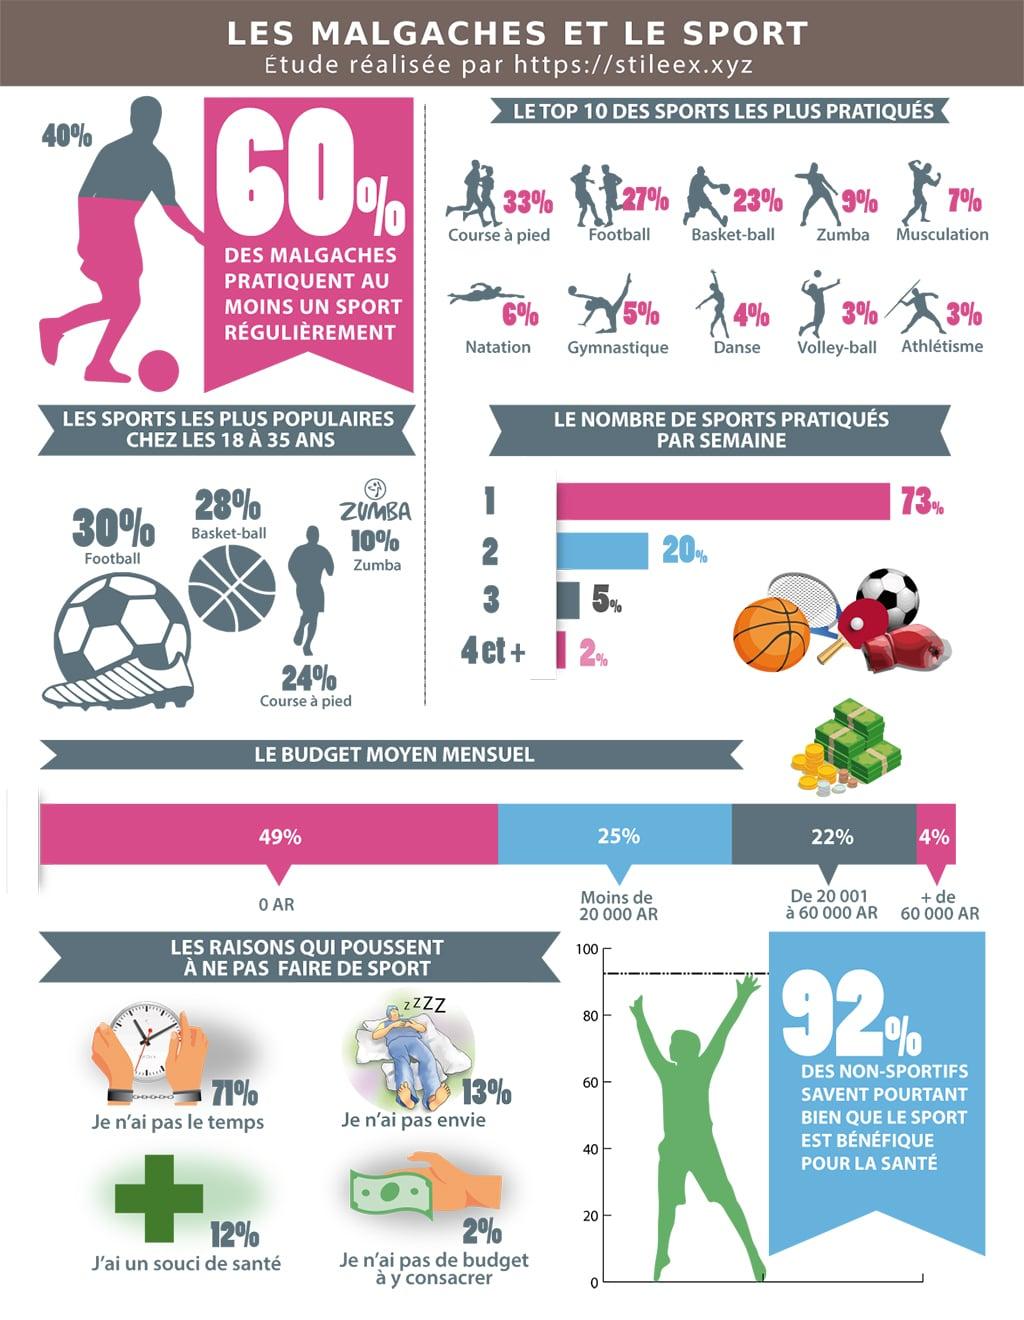 Les Malgaches et le sport: sondage 2018